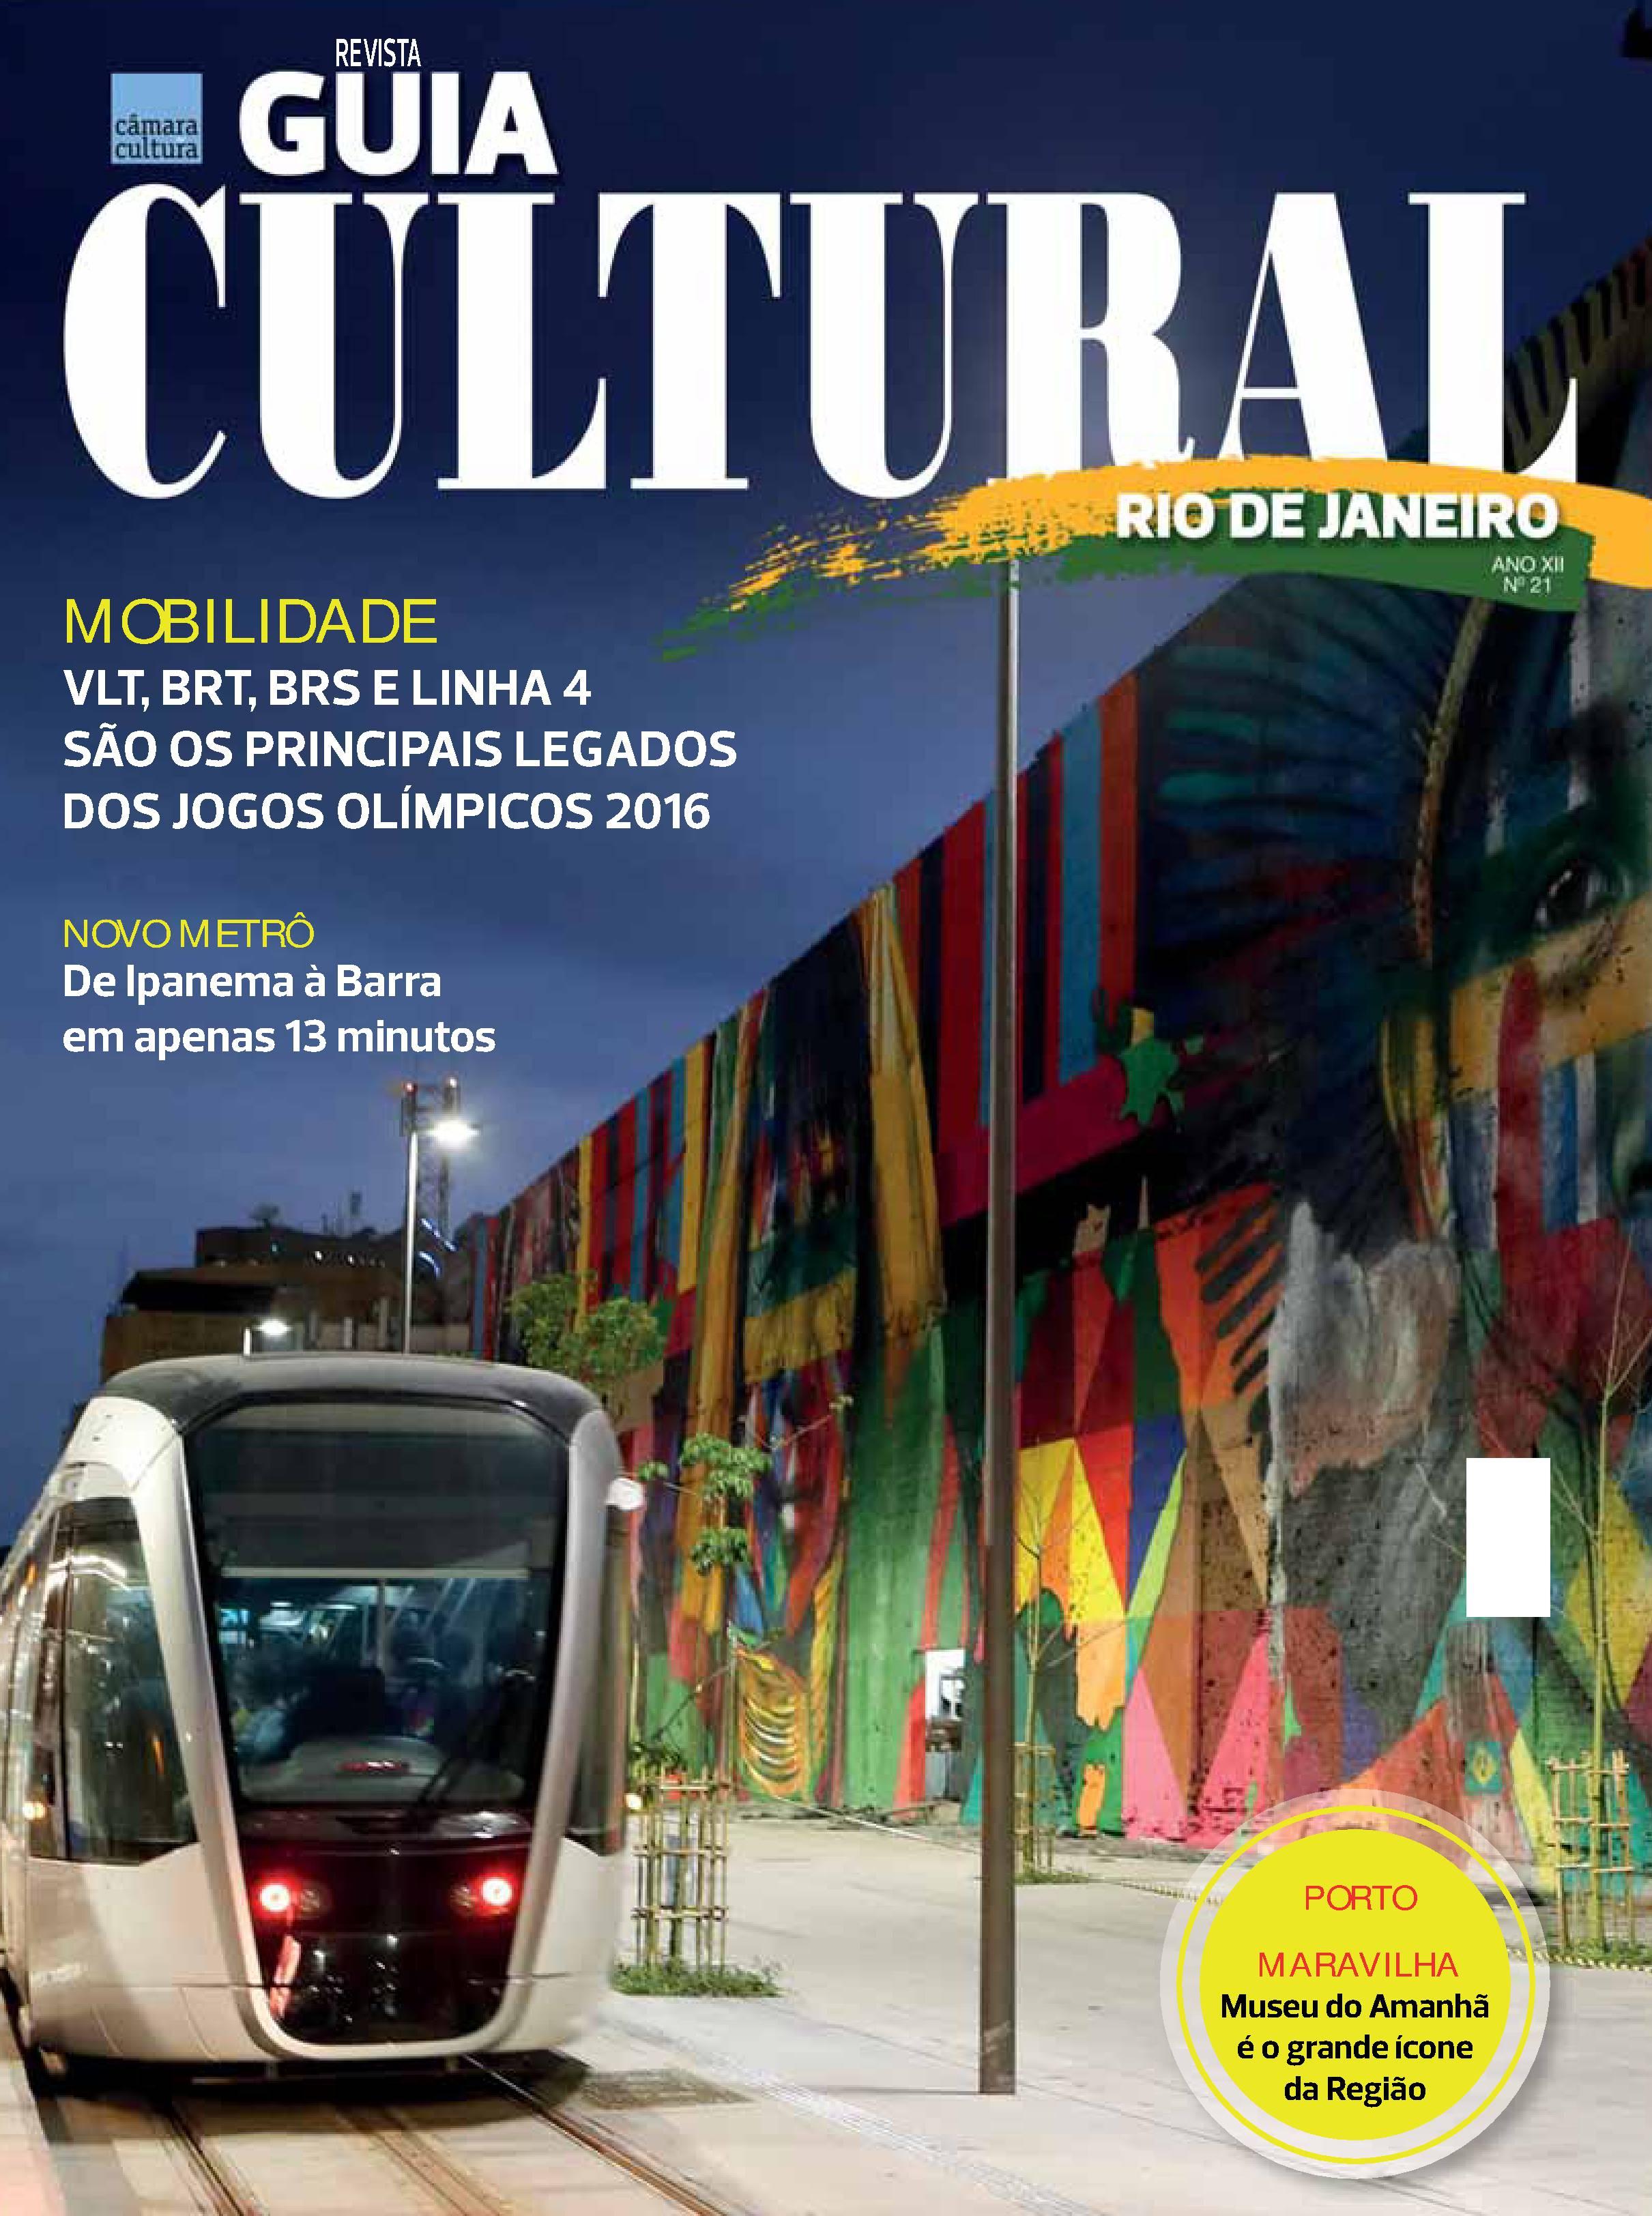 Capa da Edição nº 21 Revista Guia Cultural